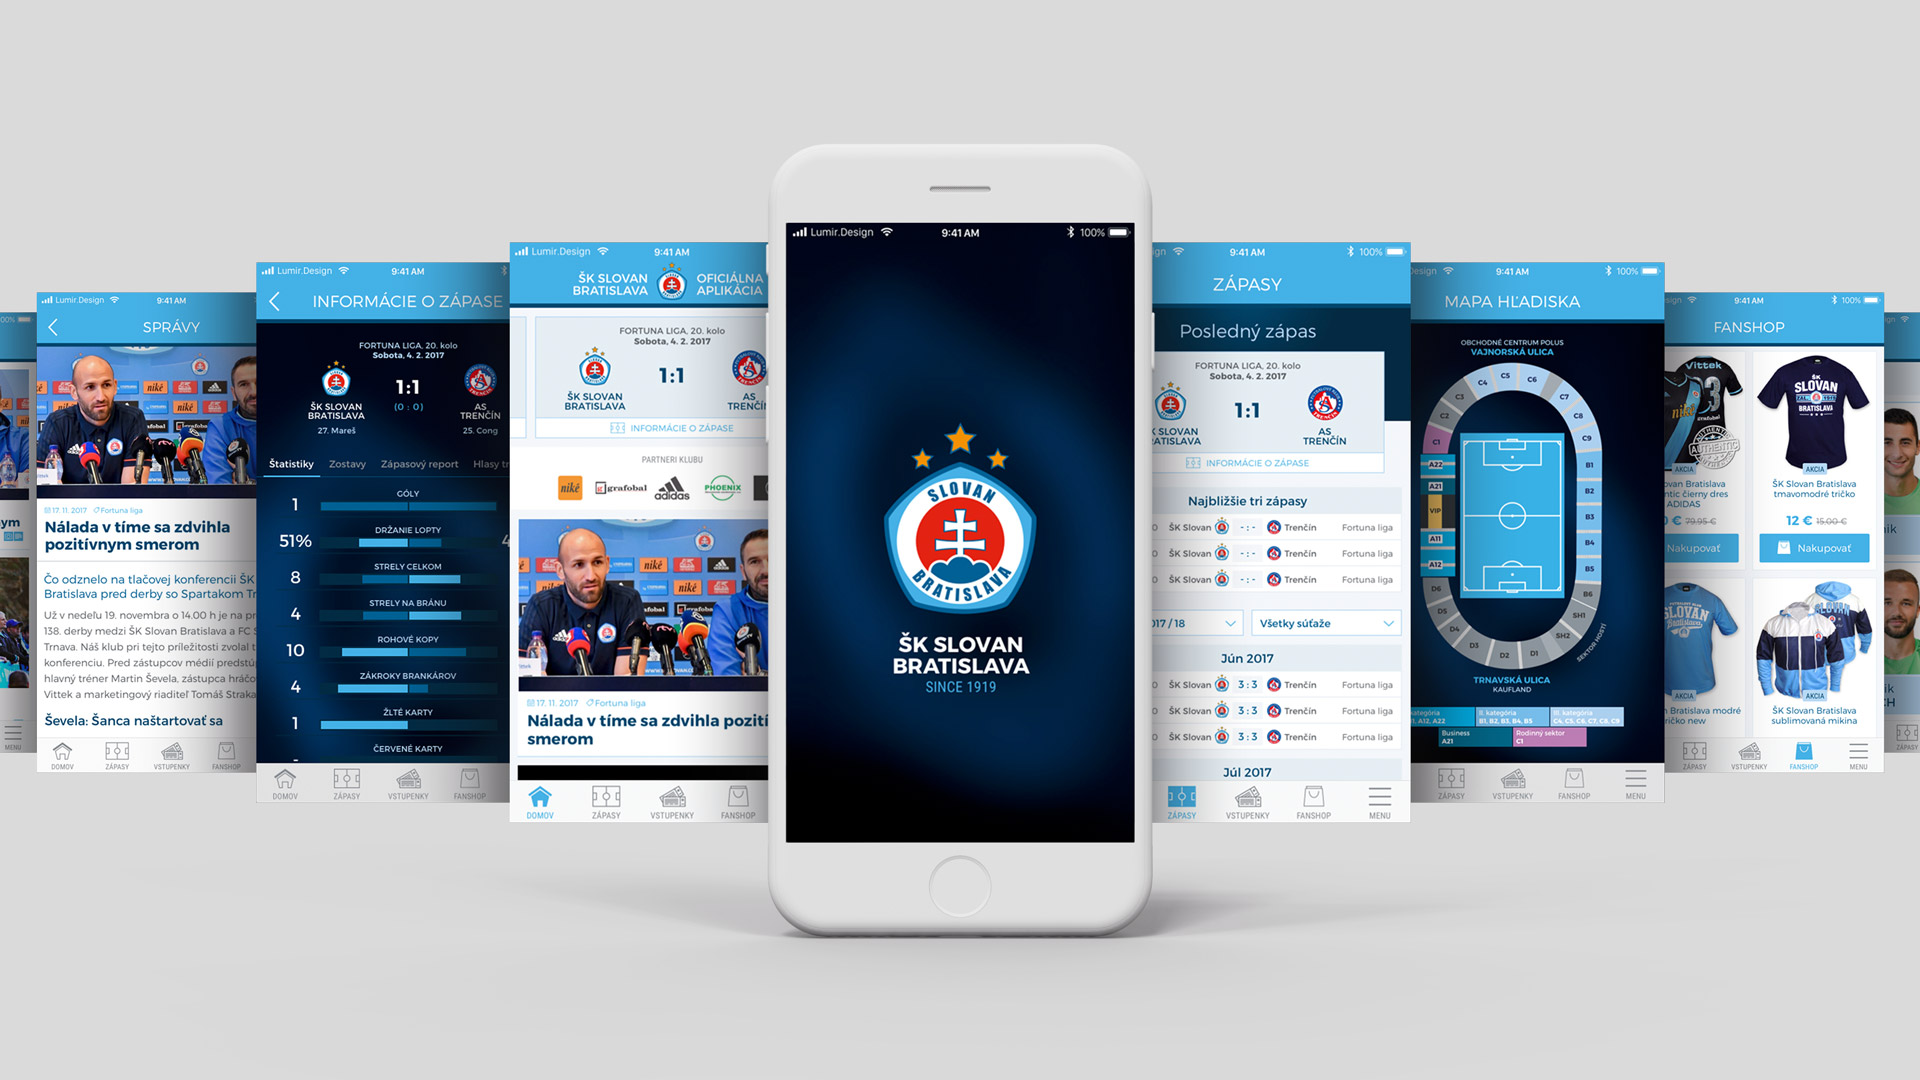 ŠK Slovan app